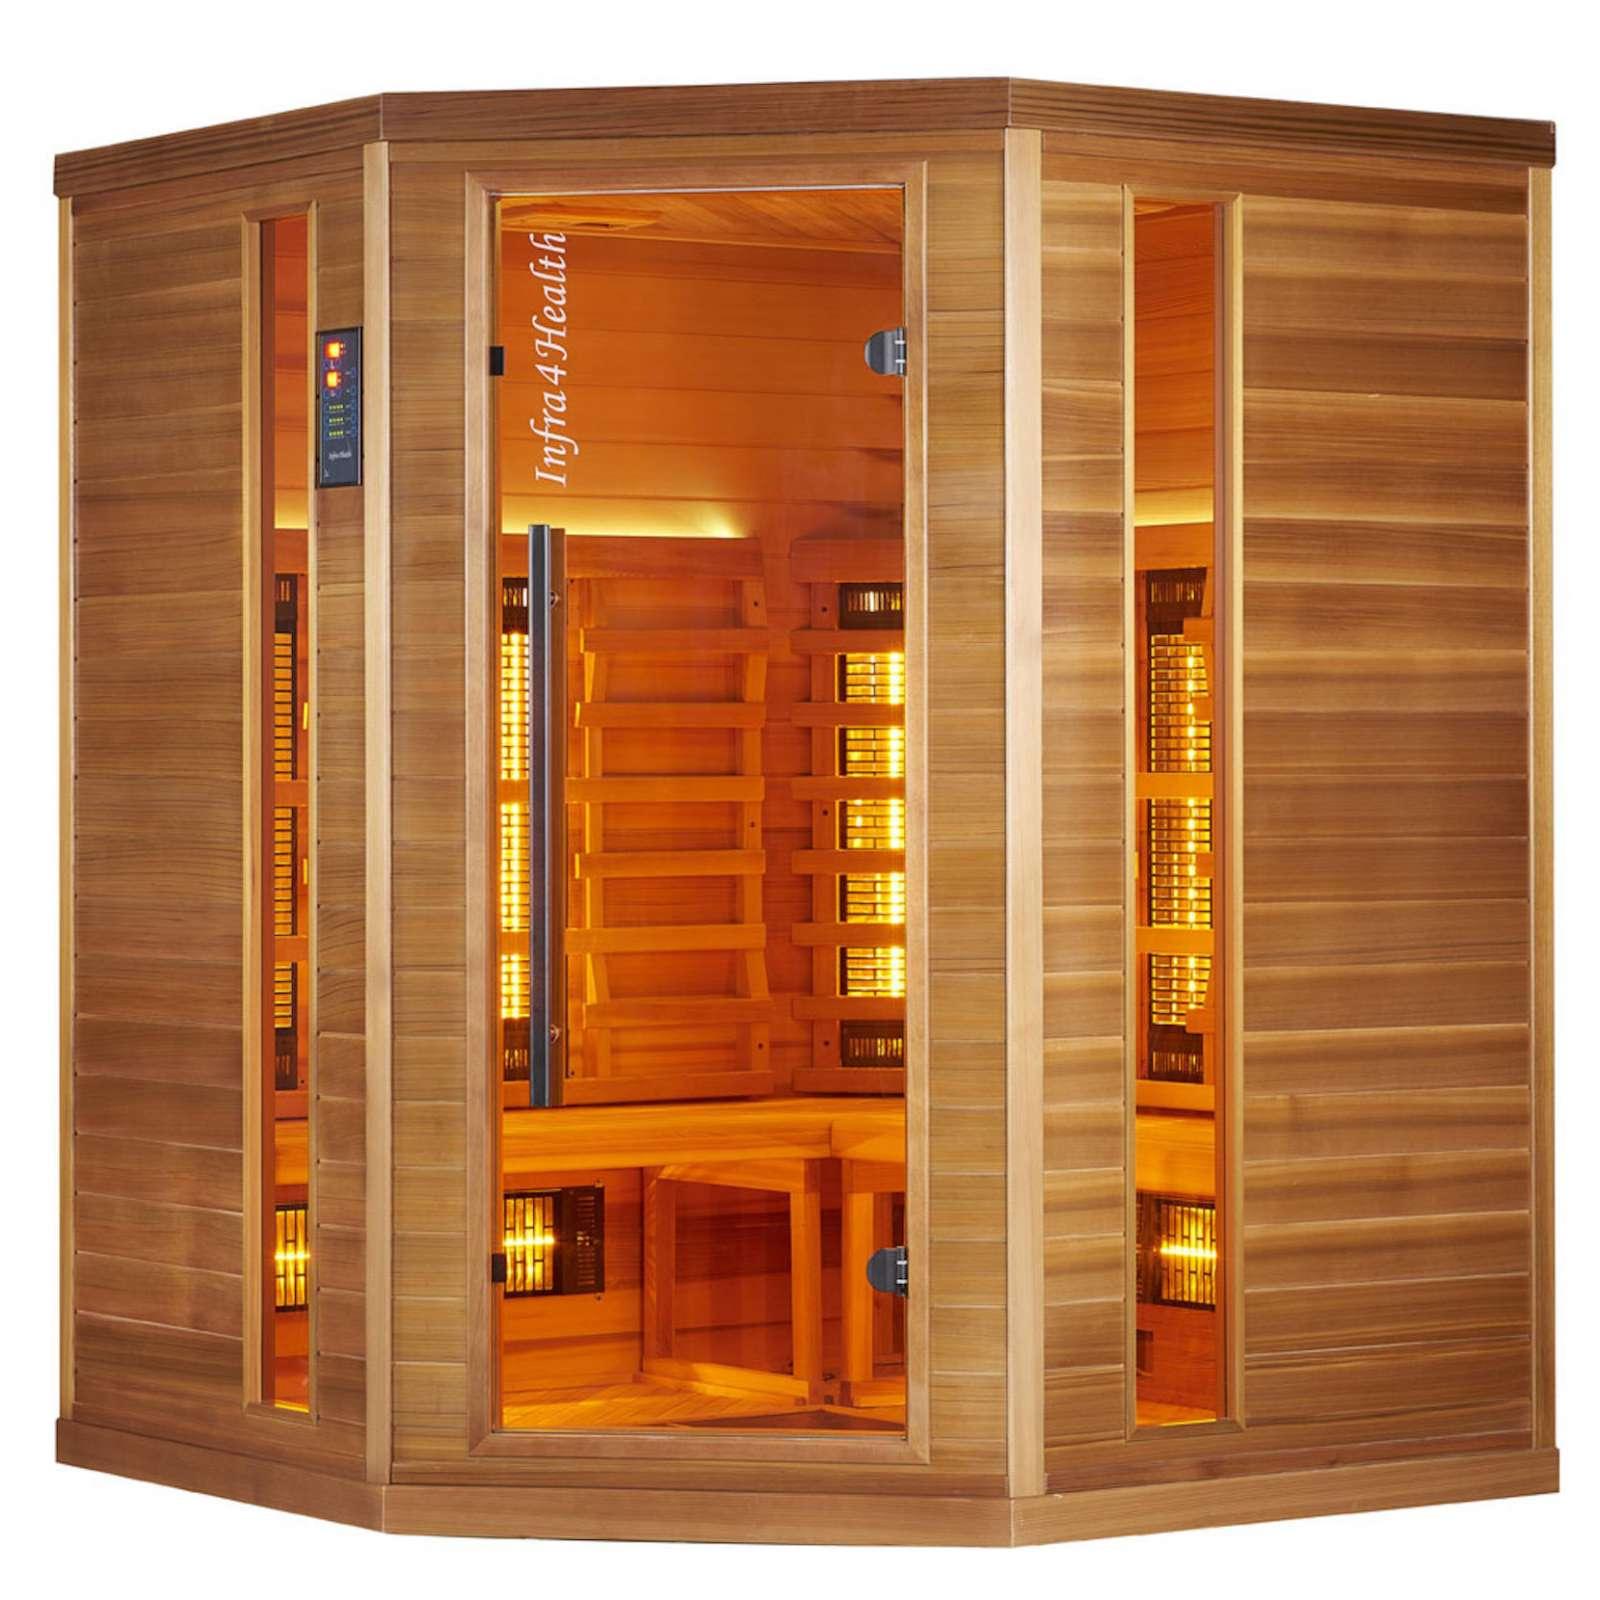 Häufig Infra 4 Health I-160 Infrarotkabine Sauna mit Zedernholz für 4 GE91